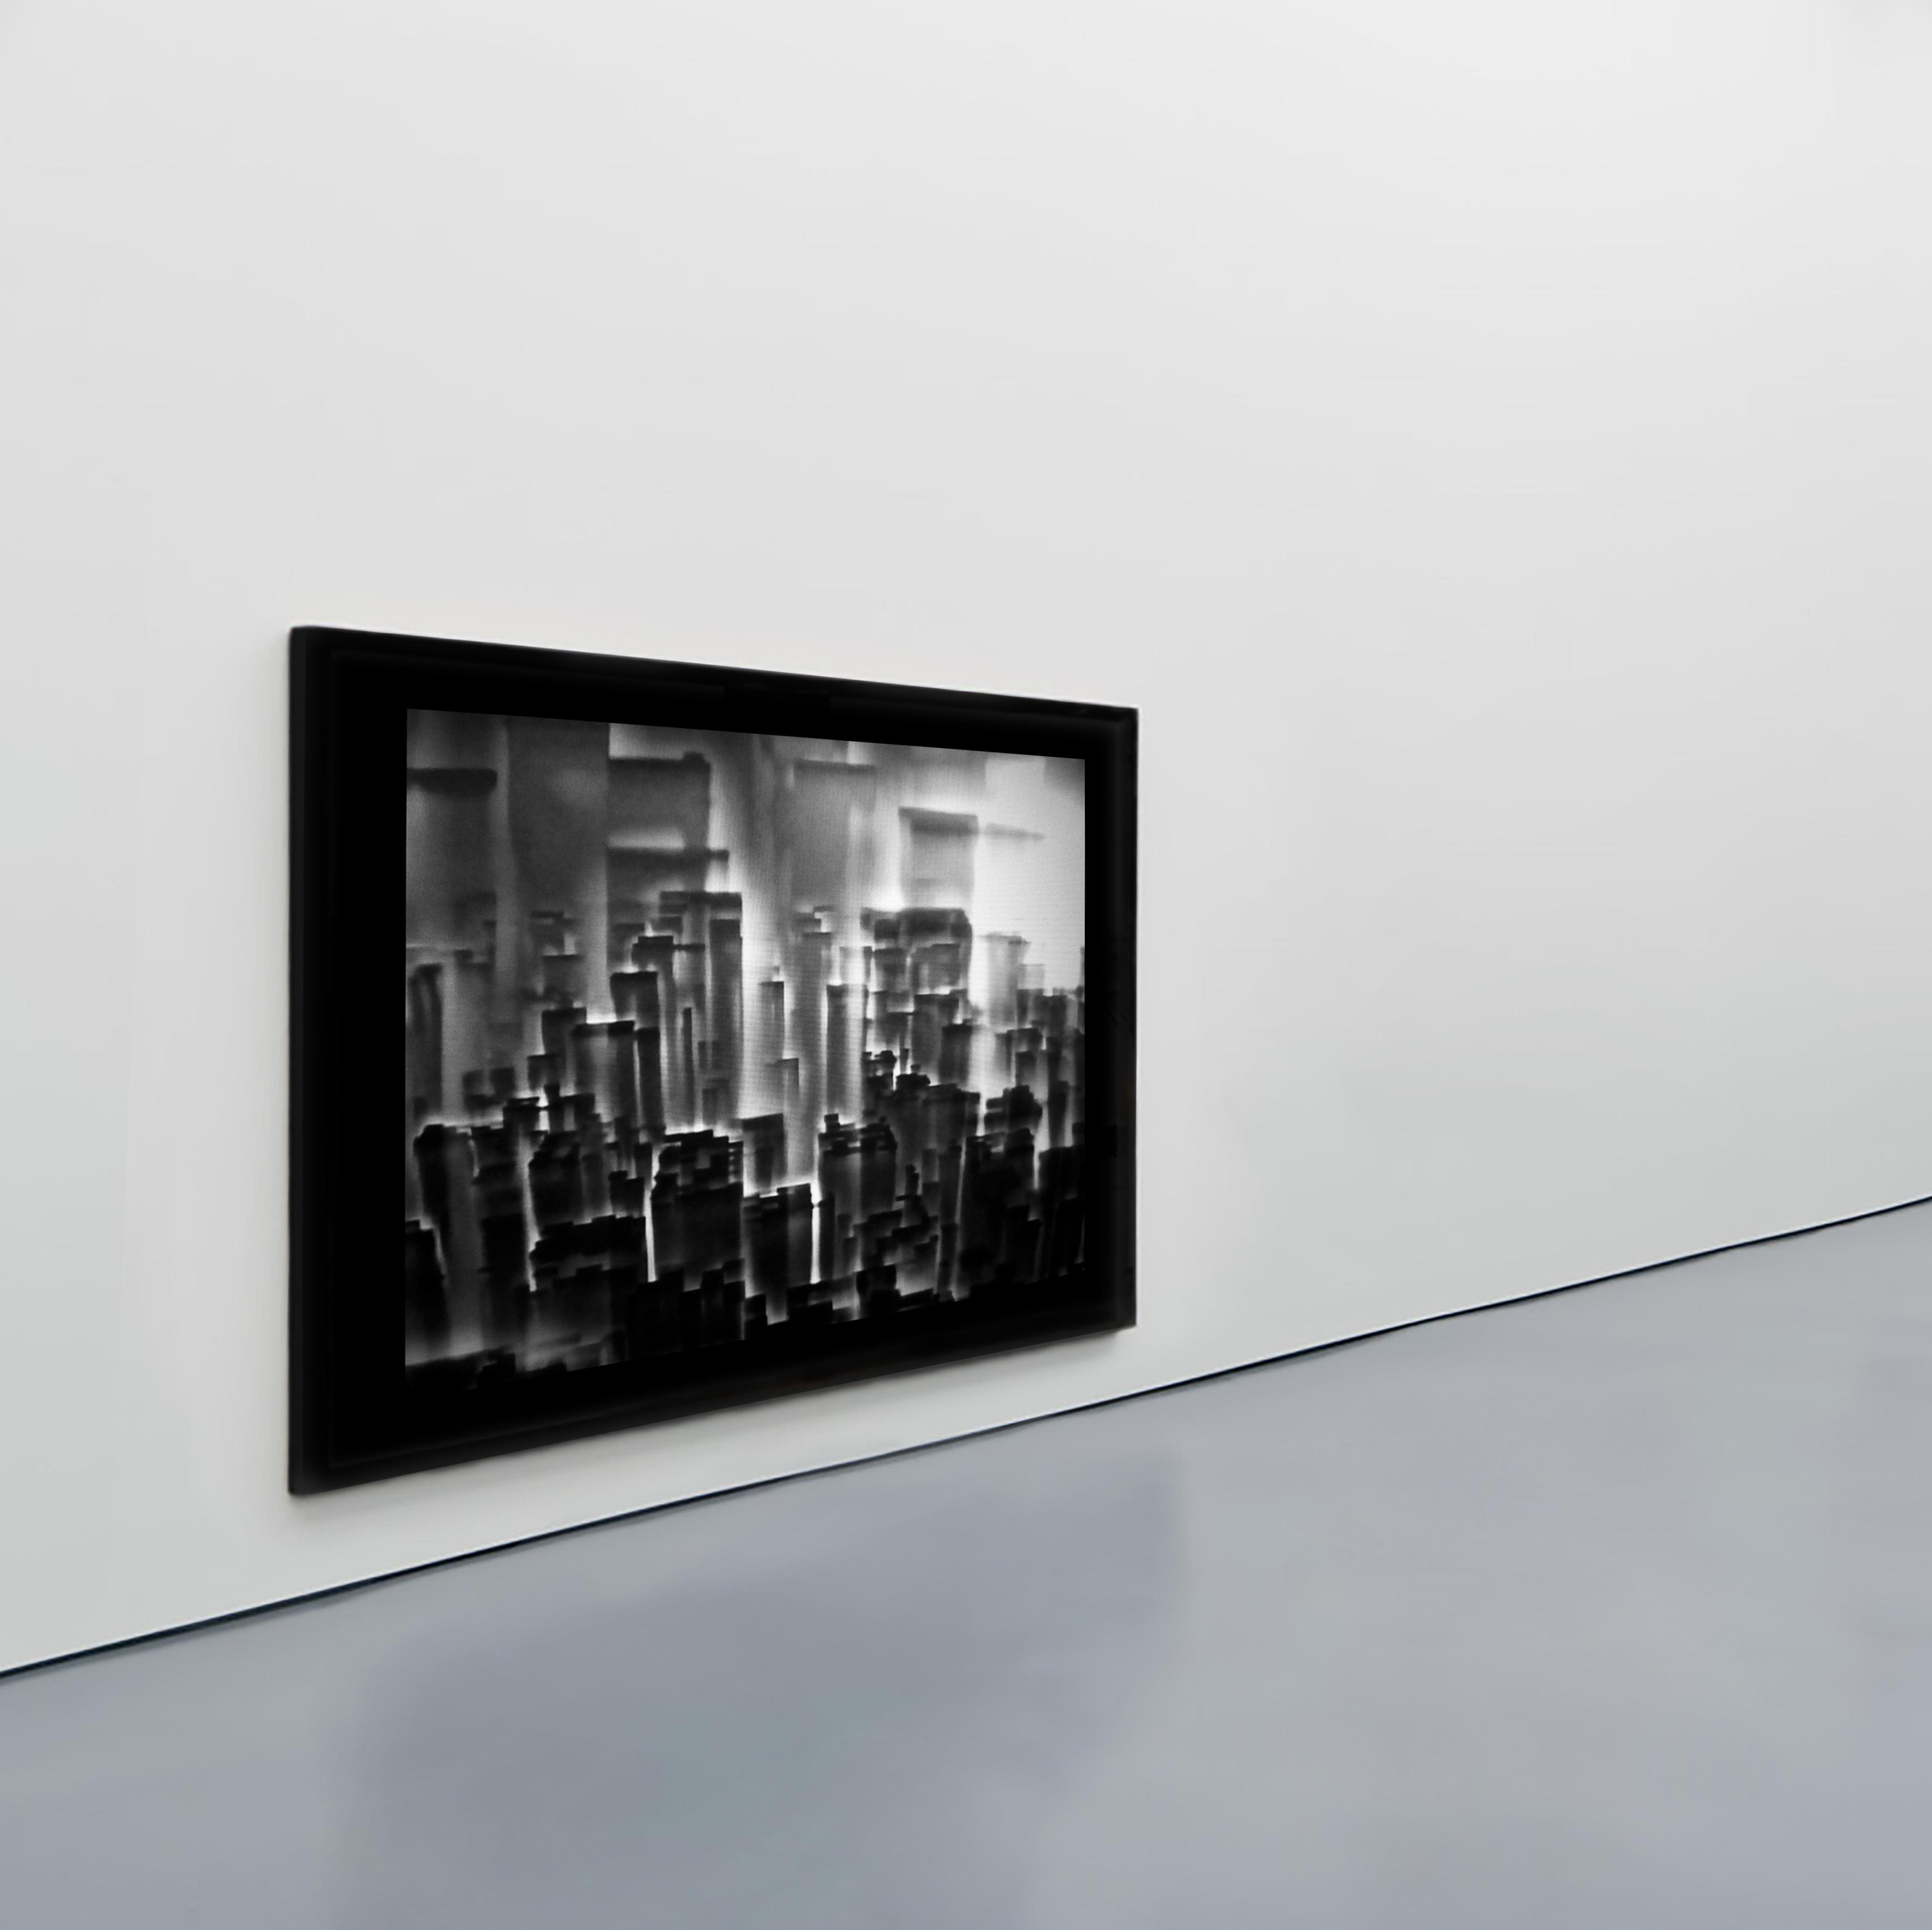 kunsttryk, fotografier, new-media, abstrakte, geometriske, grafiske, minimalistiske, monokrome, stemninger, bevægelse, mønstre, videnskab, teknologi, sorte, grå, hvide, blæk, papir, abstrakte-former, arkitektoniske, sort-hvide, samtidskunst, københavn, dansk, dekorative, design, interiør, bolig-indretning, moderne, moderne-kunst, nordisk, det-ydre-rum, skandinavisk, Køb original kunst og kunstplakater. Malerier, tegninger, limited edition kunsttryk & plakater af dygtige kunstnere.